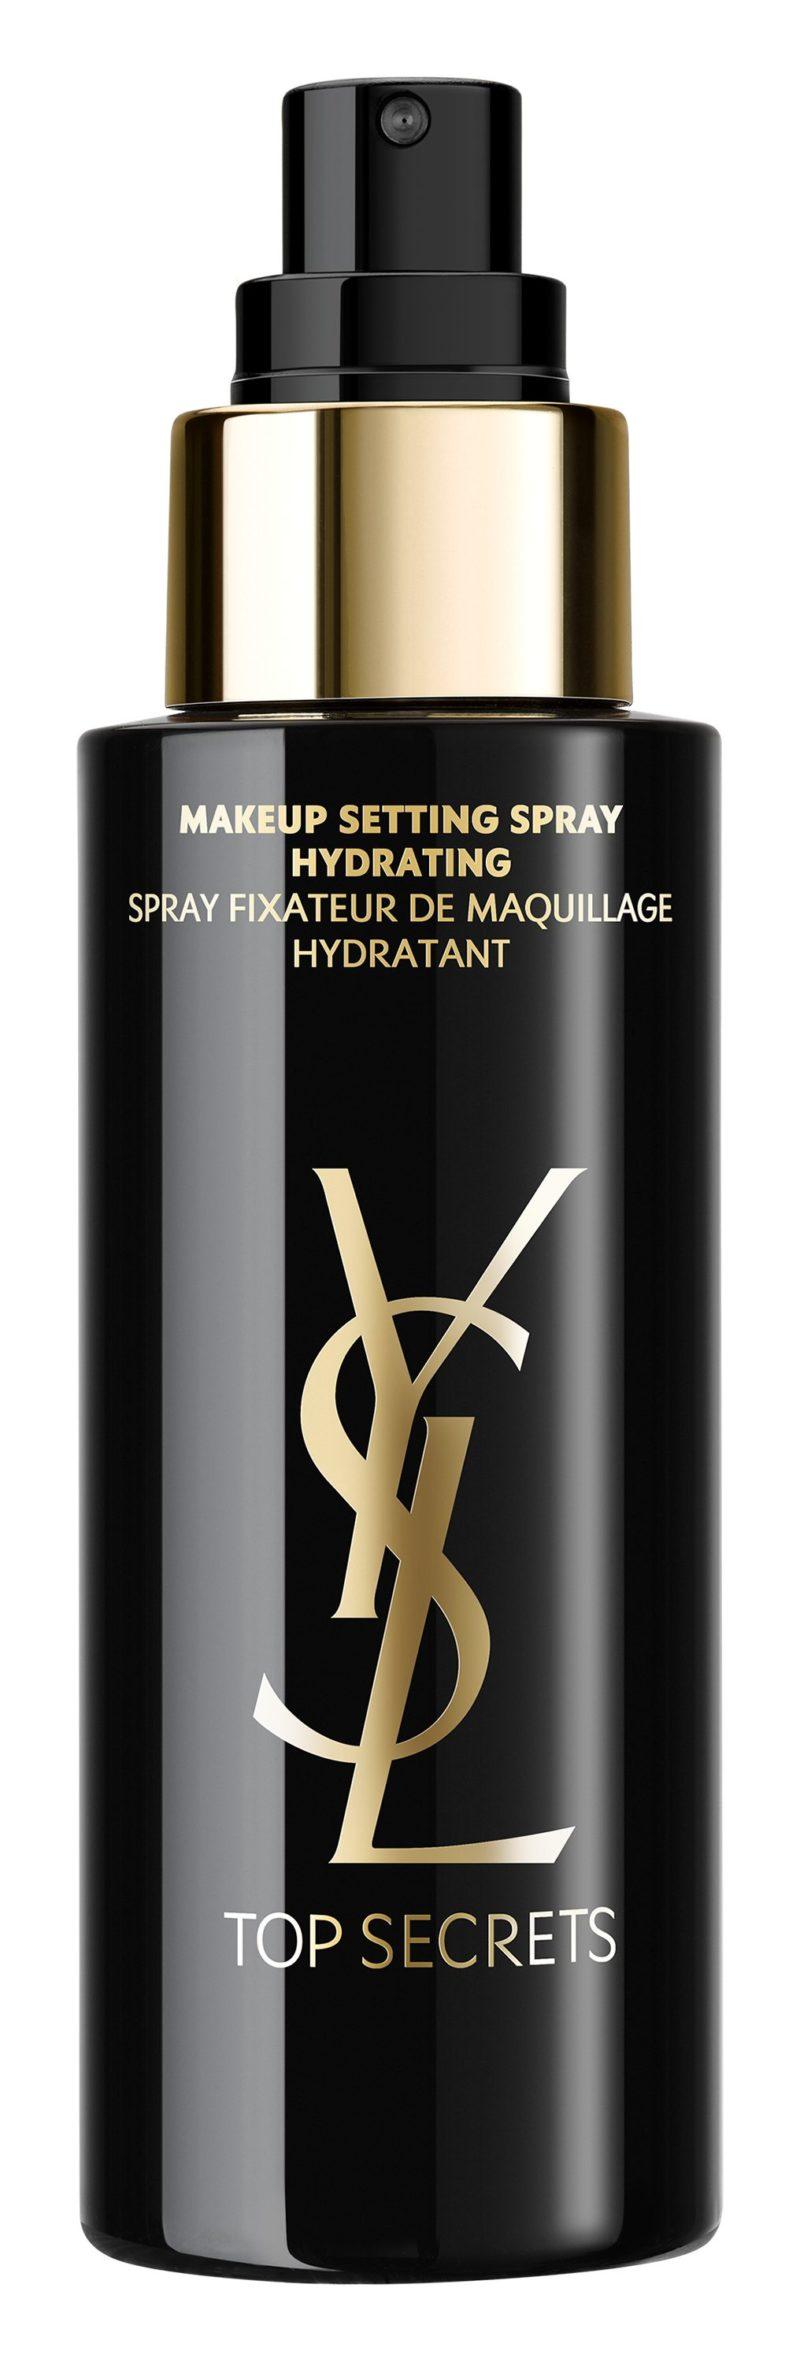 Top secrets make up setting spray, från YSL.